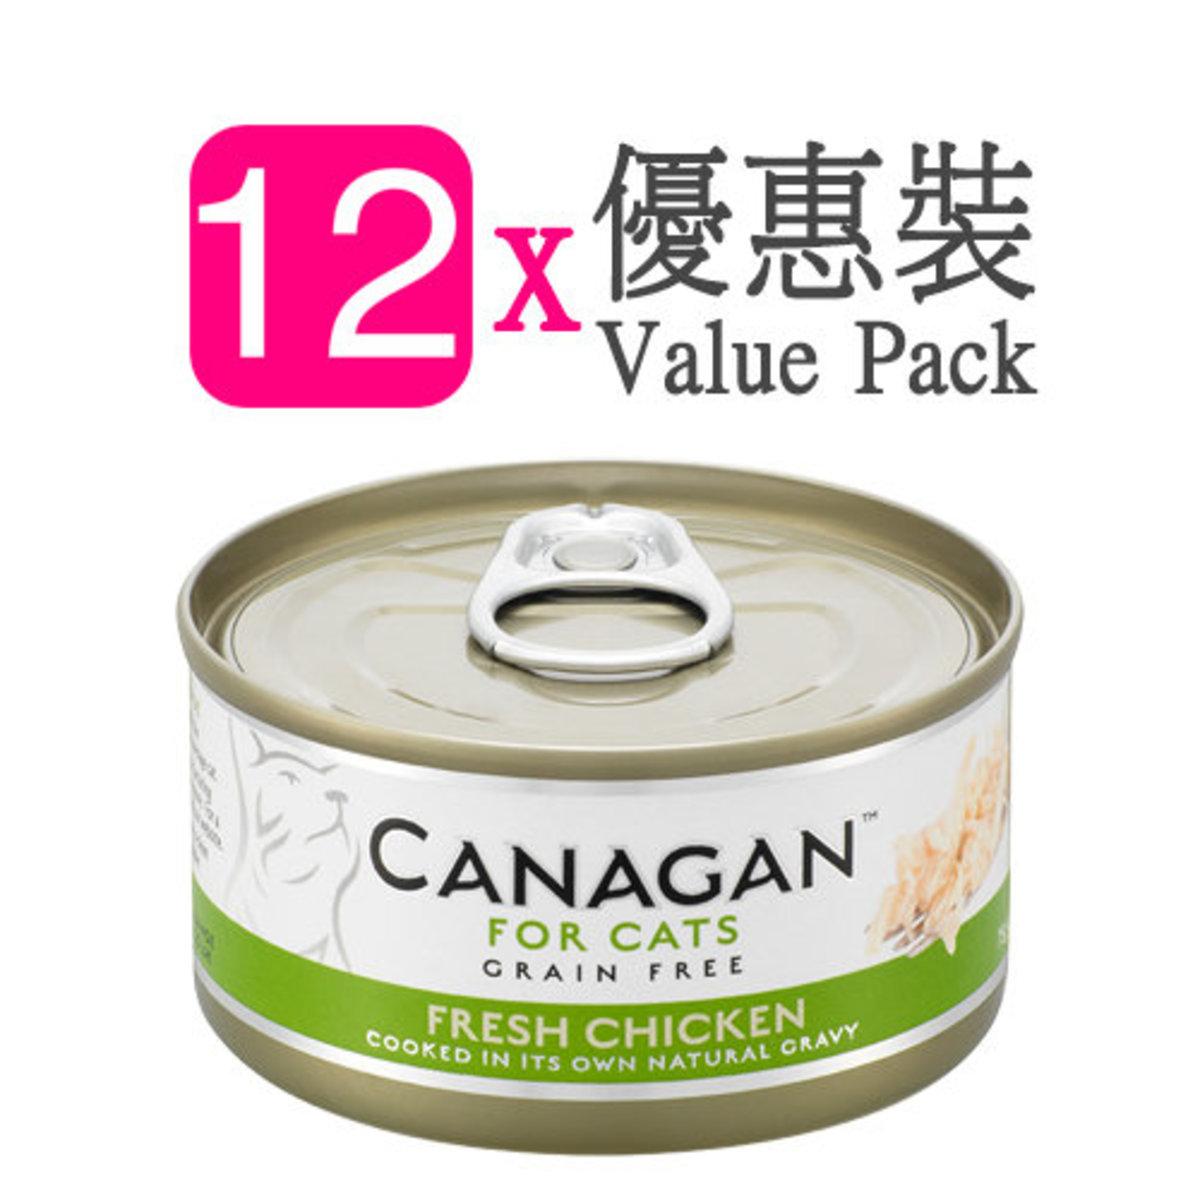 新鮮雞肉貓罐頭 (75g x 12罐) #WC75_12